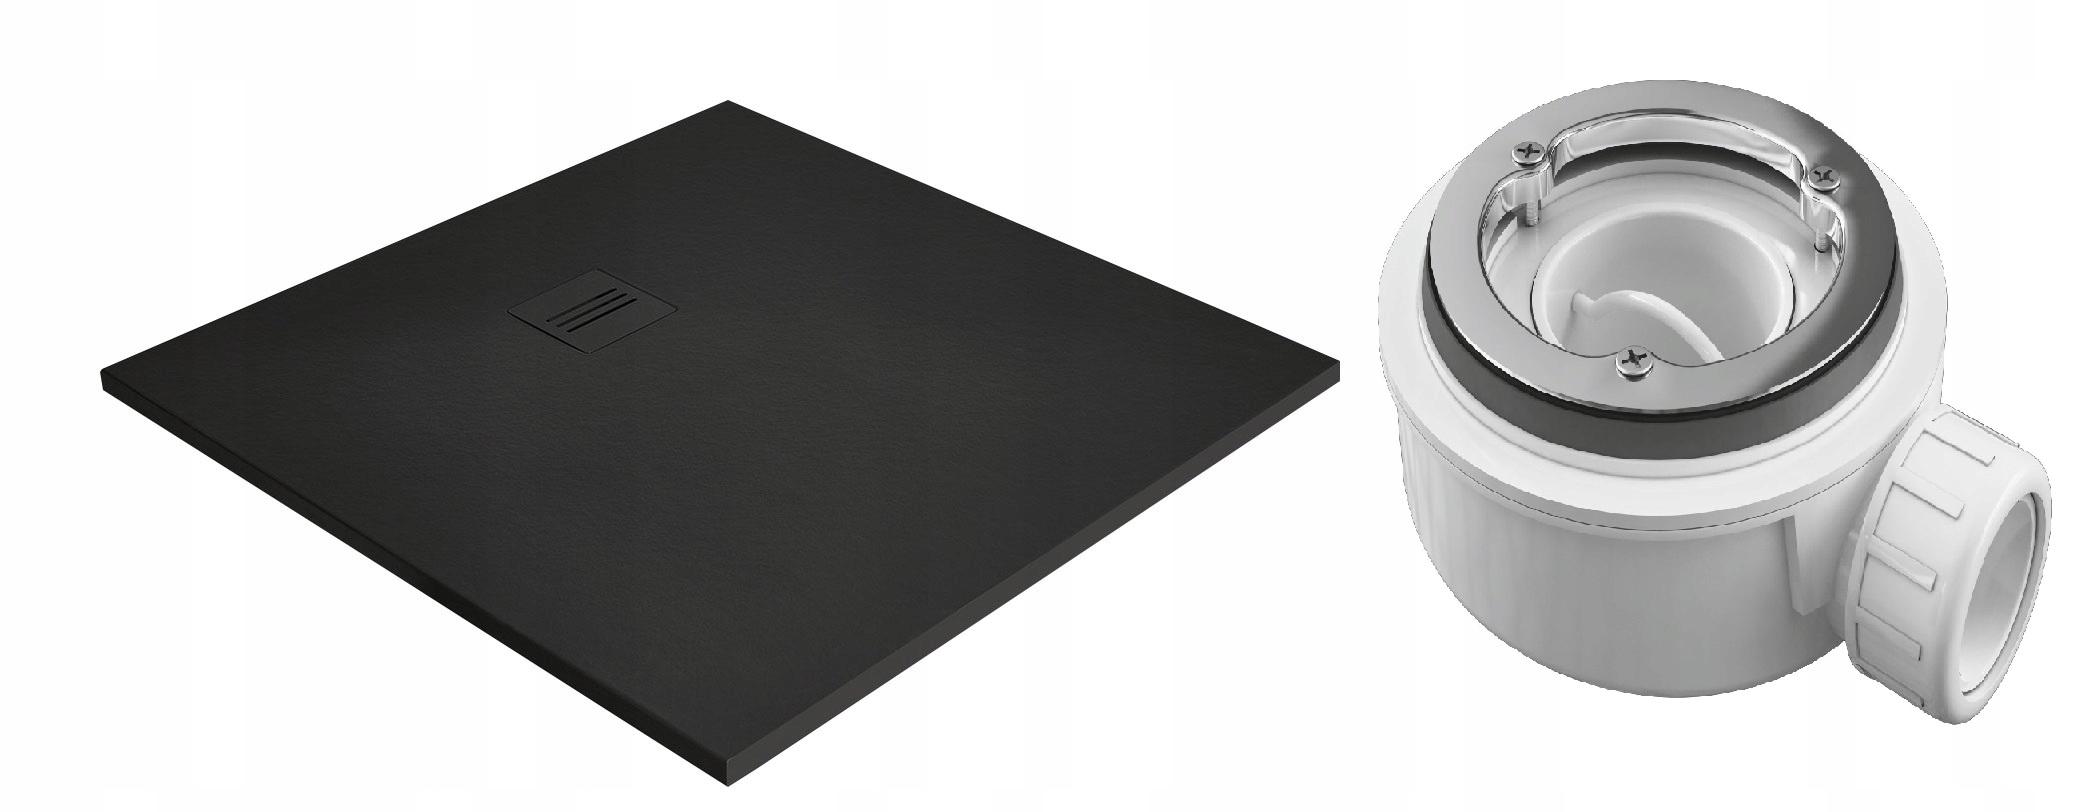 Čierna sprchová vanička Kyntos c 100x100 Radaway + sifón